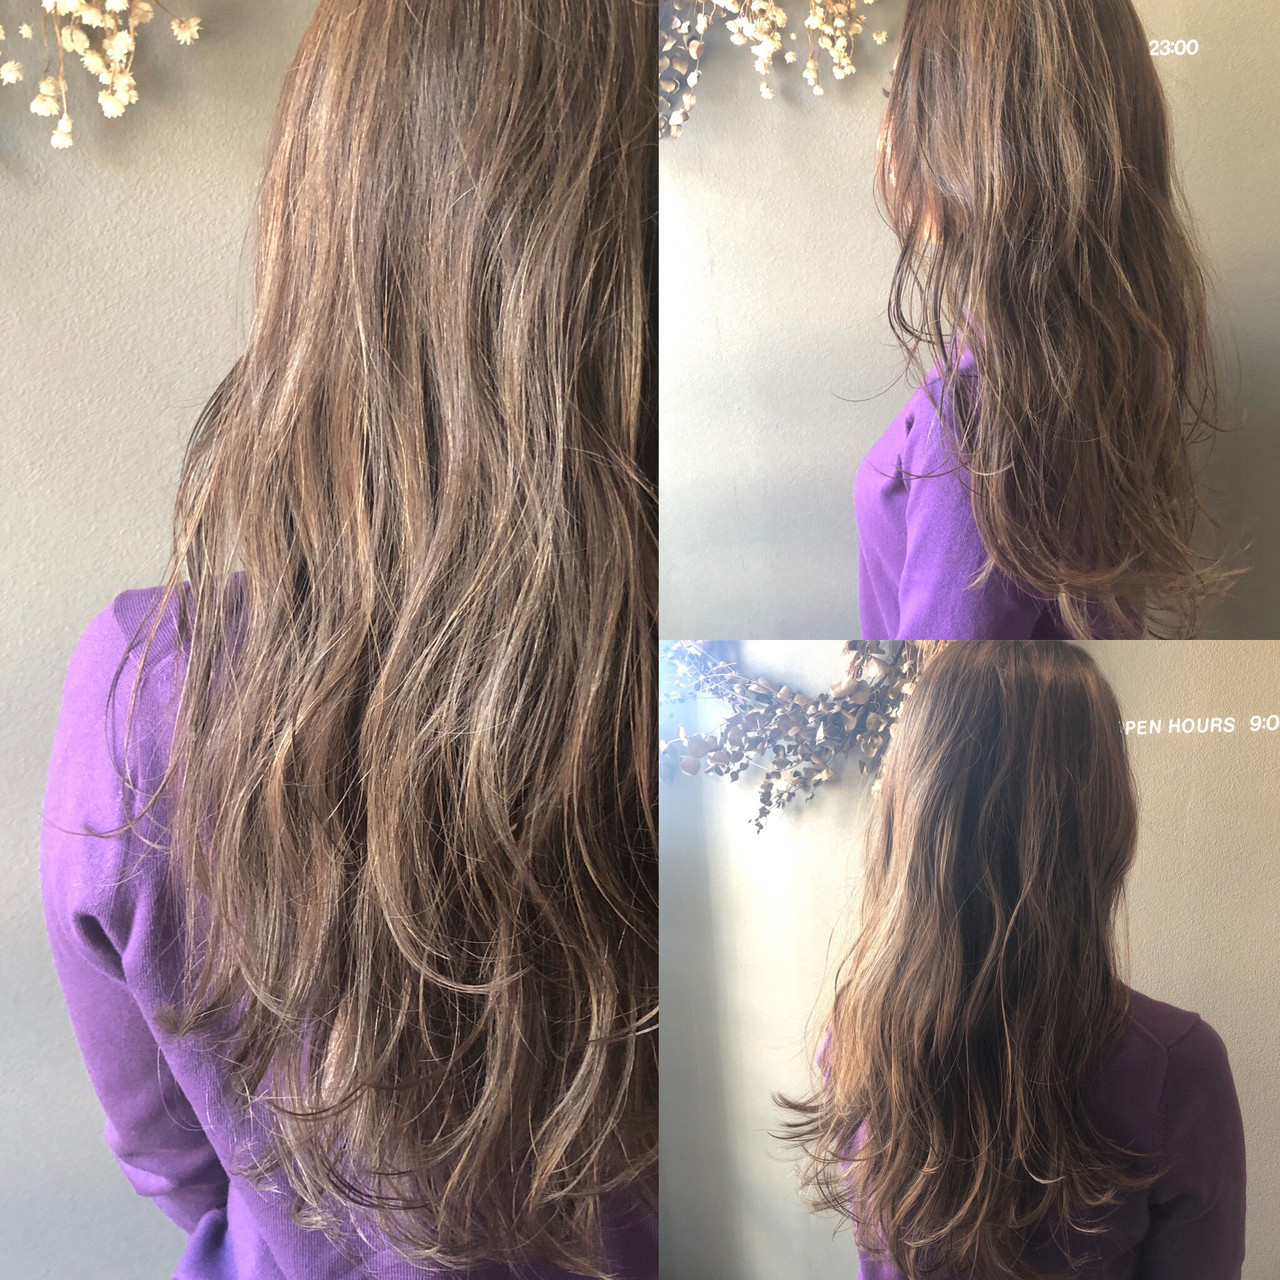 アンニュイほつれヘア アウトドア オフィス パーマ ヘアスタイルや髪型の写真・画像